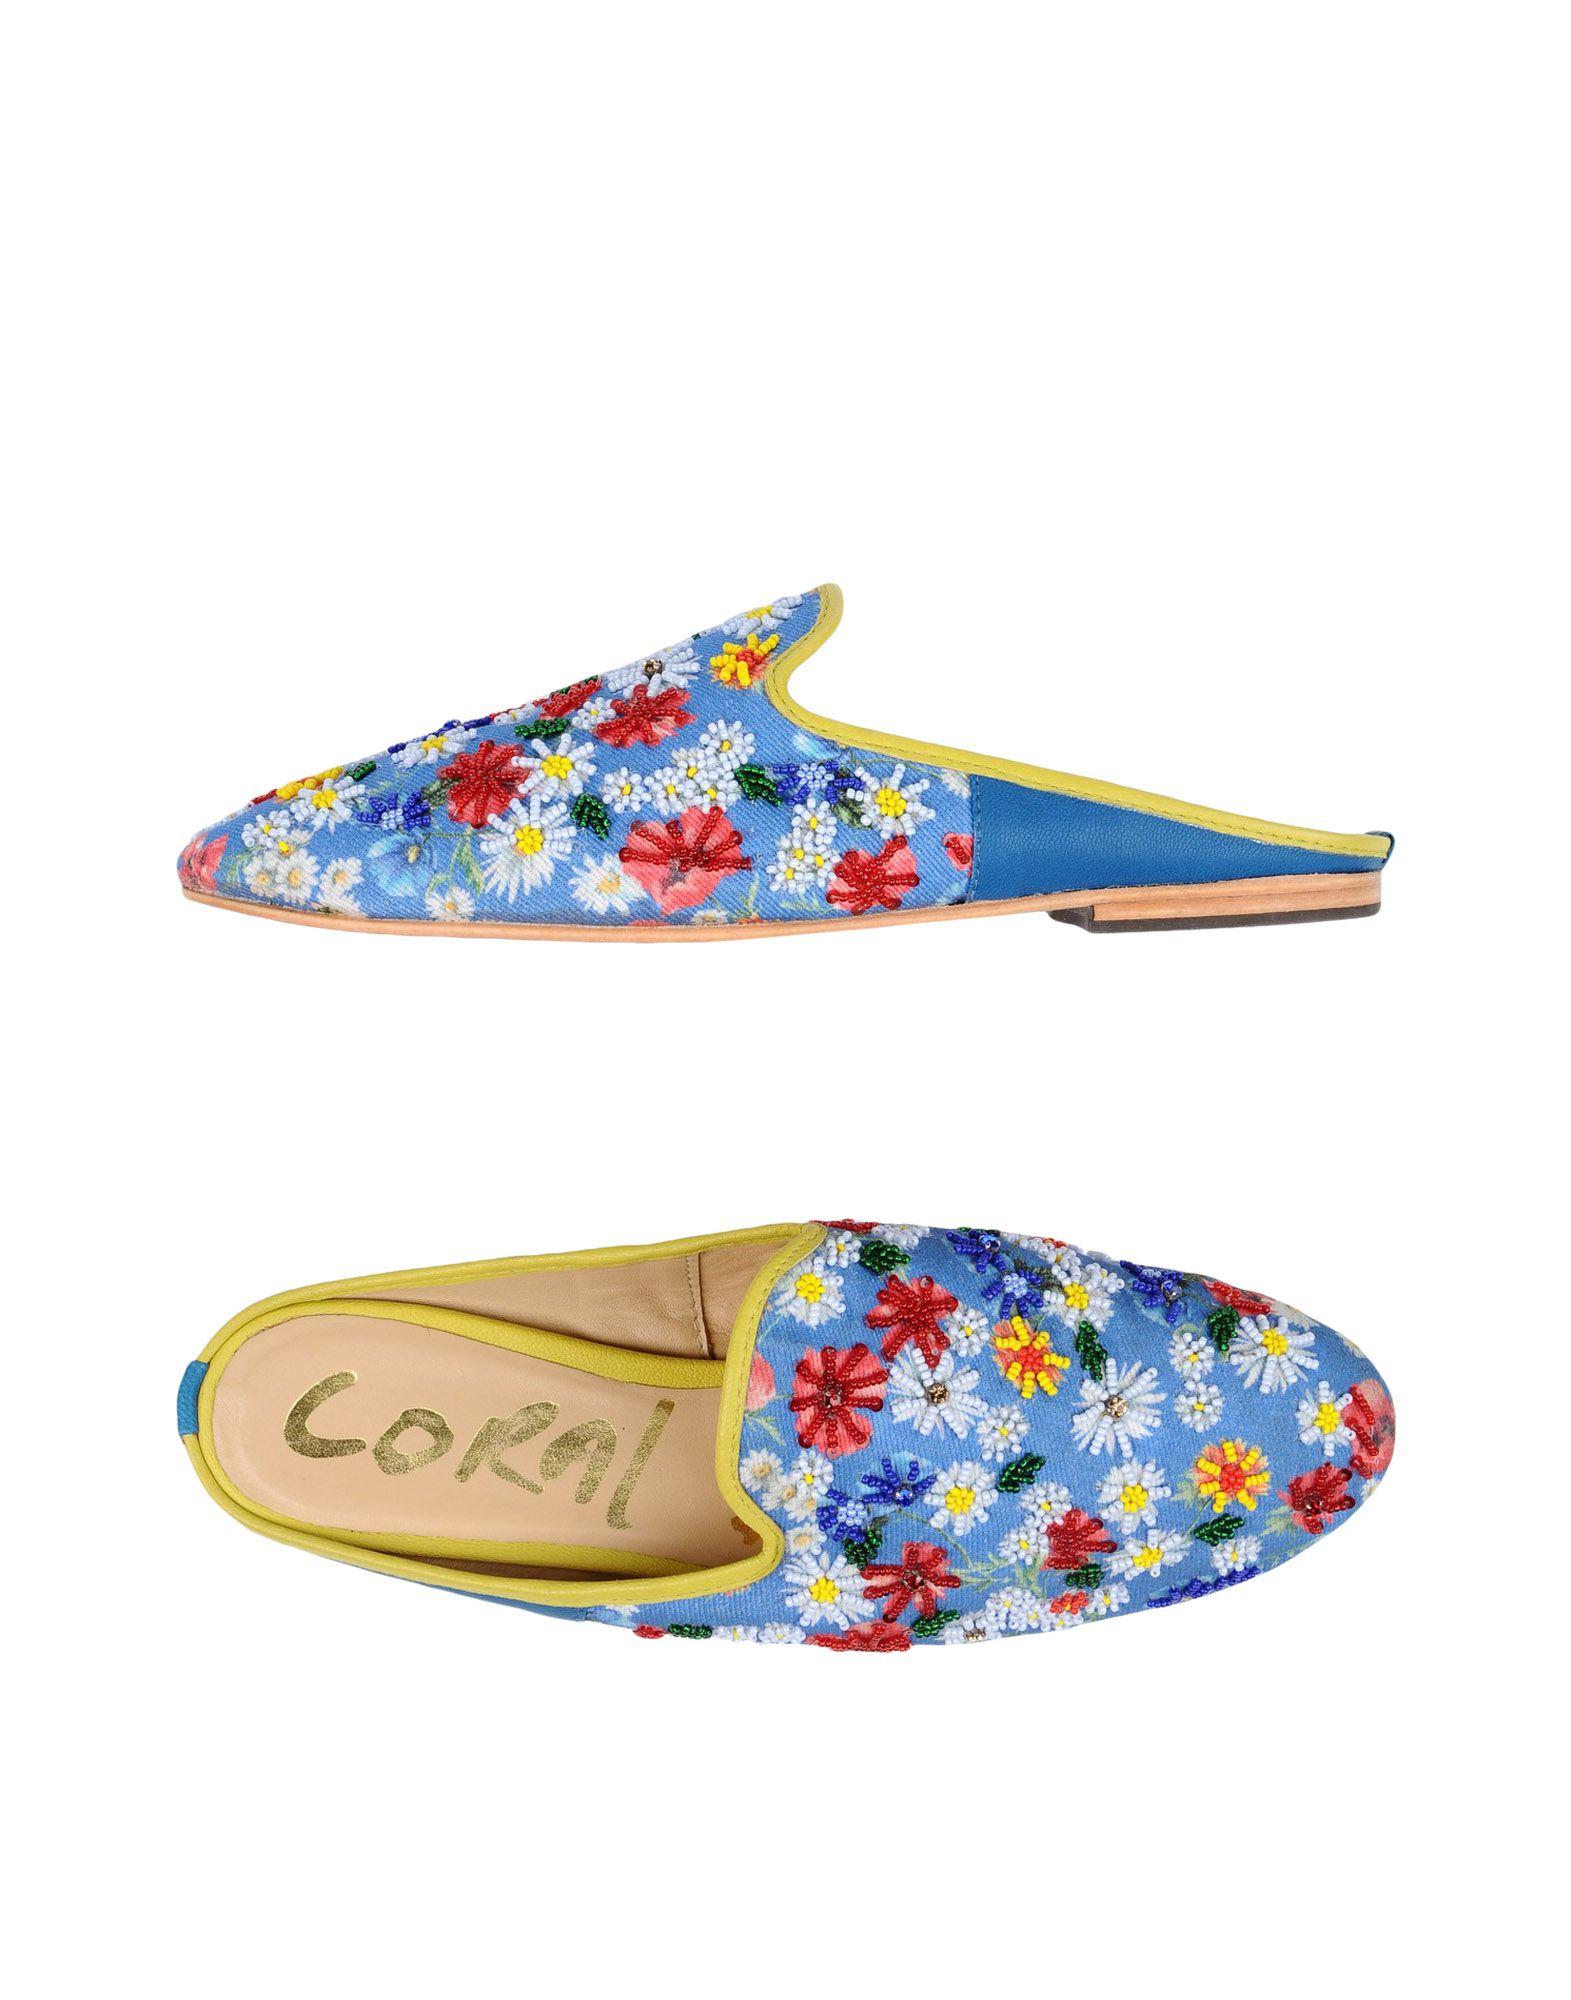 Coral Blue Pantoletten Damen   11363299BP   cae2ba